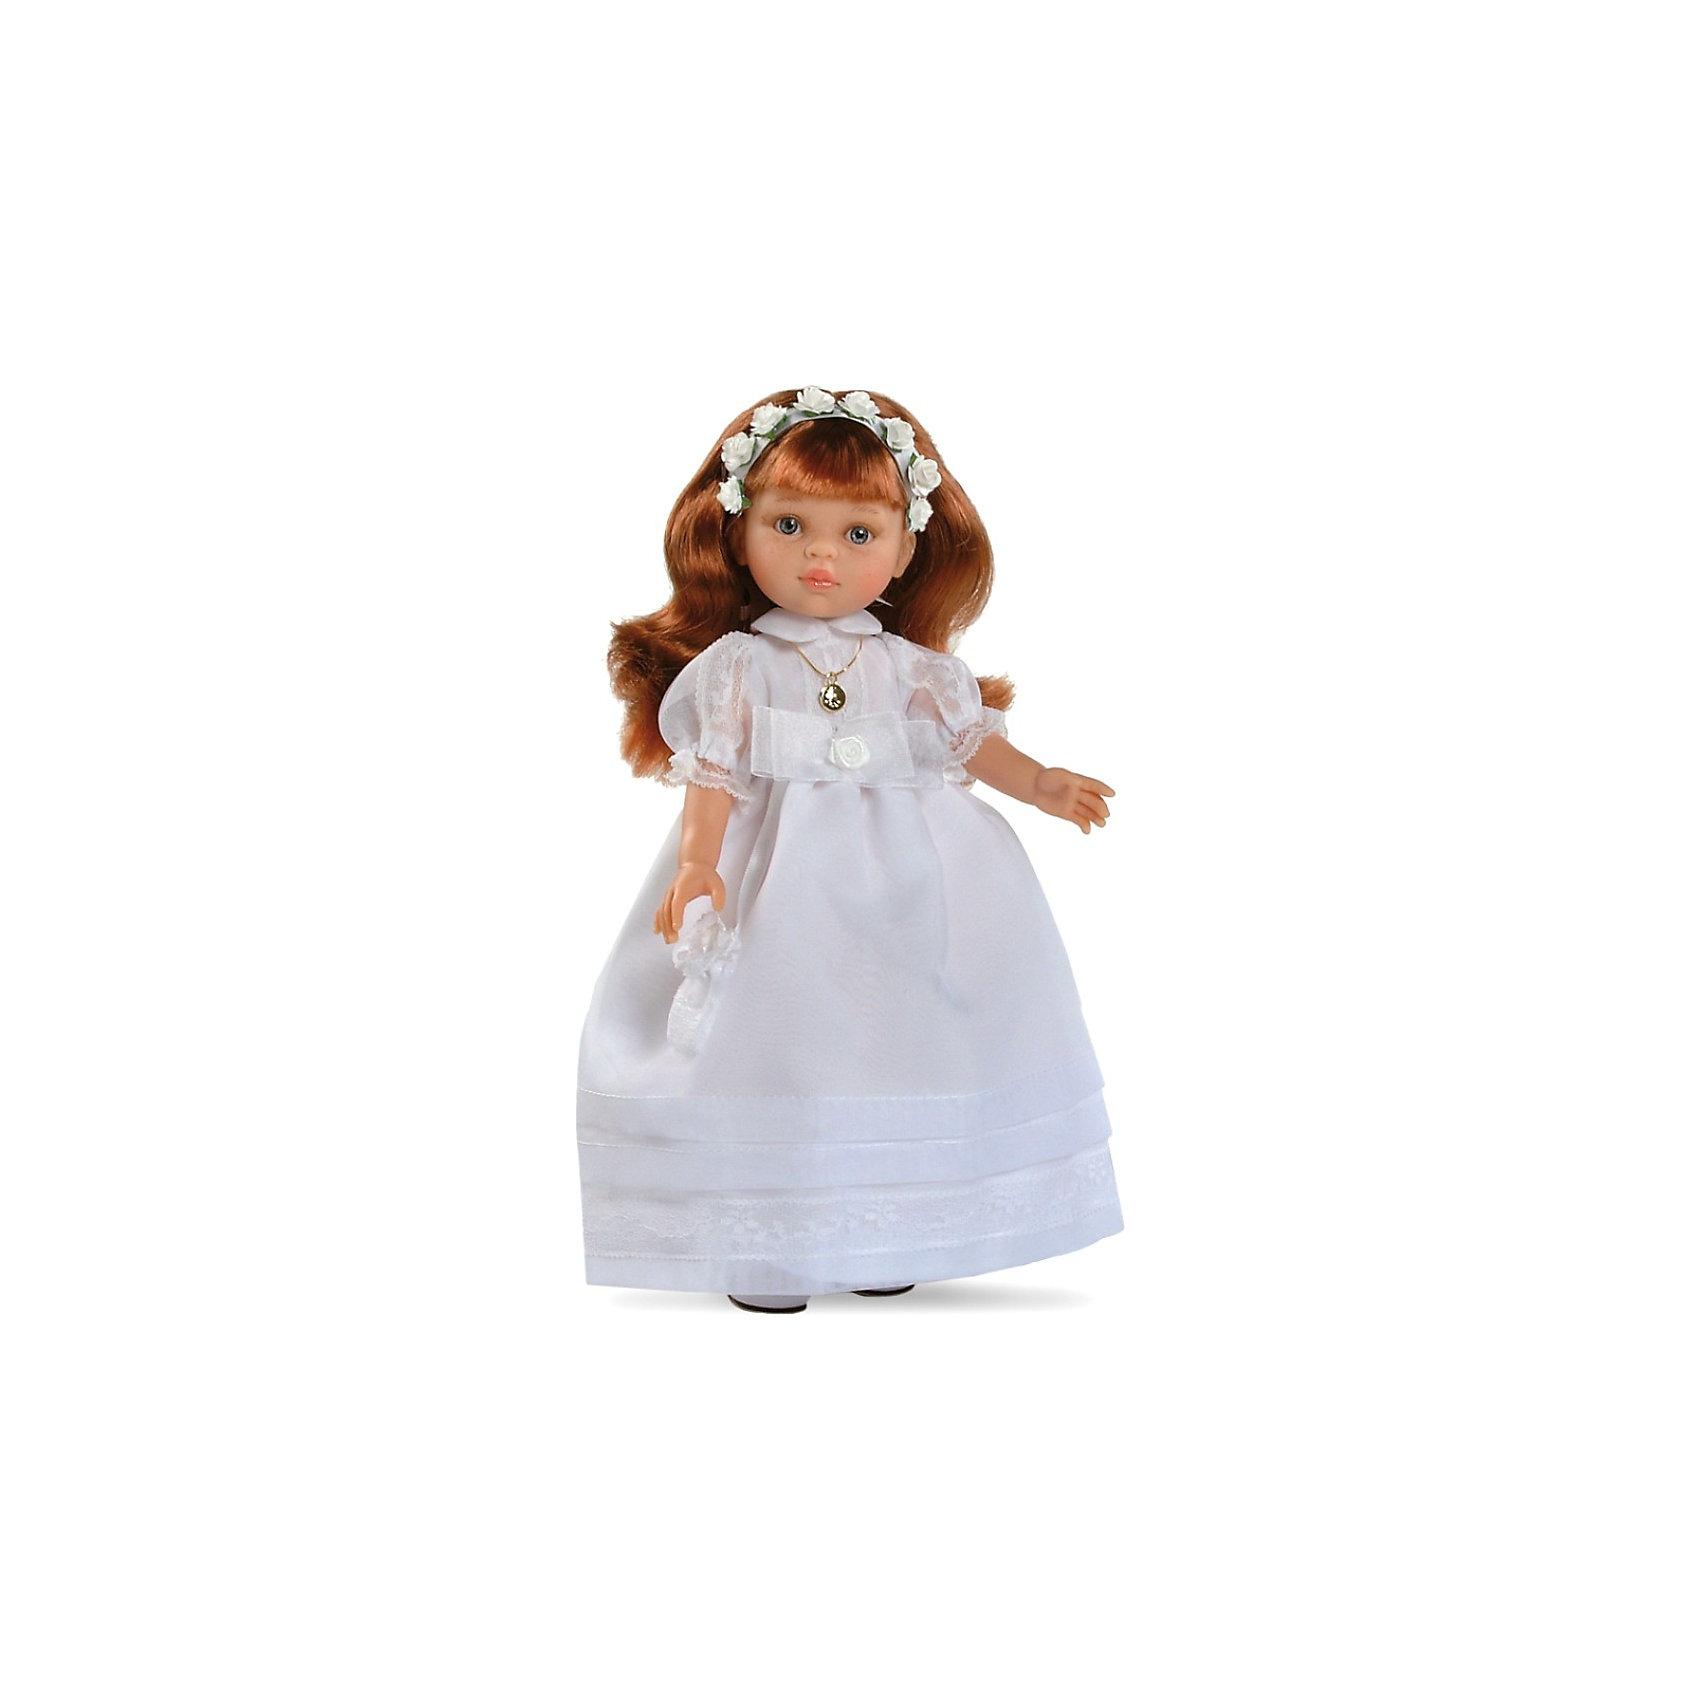 Paola Reina Кукла Кристи, 32см, Paola Reina кукла пупс без одежды девочка европейка 22см paola reina